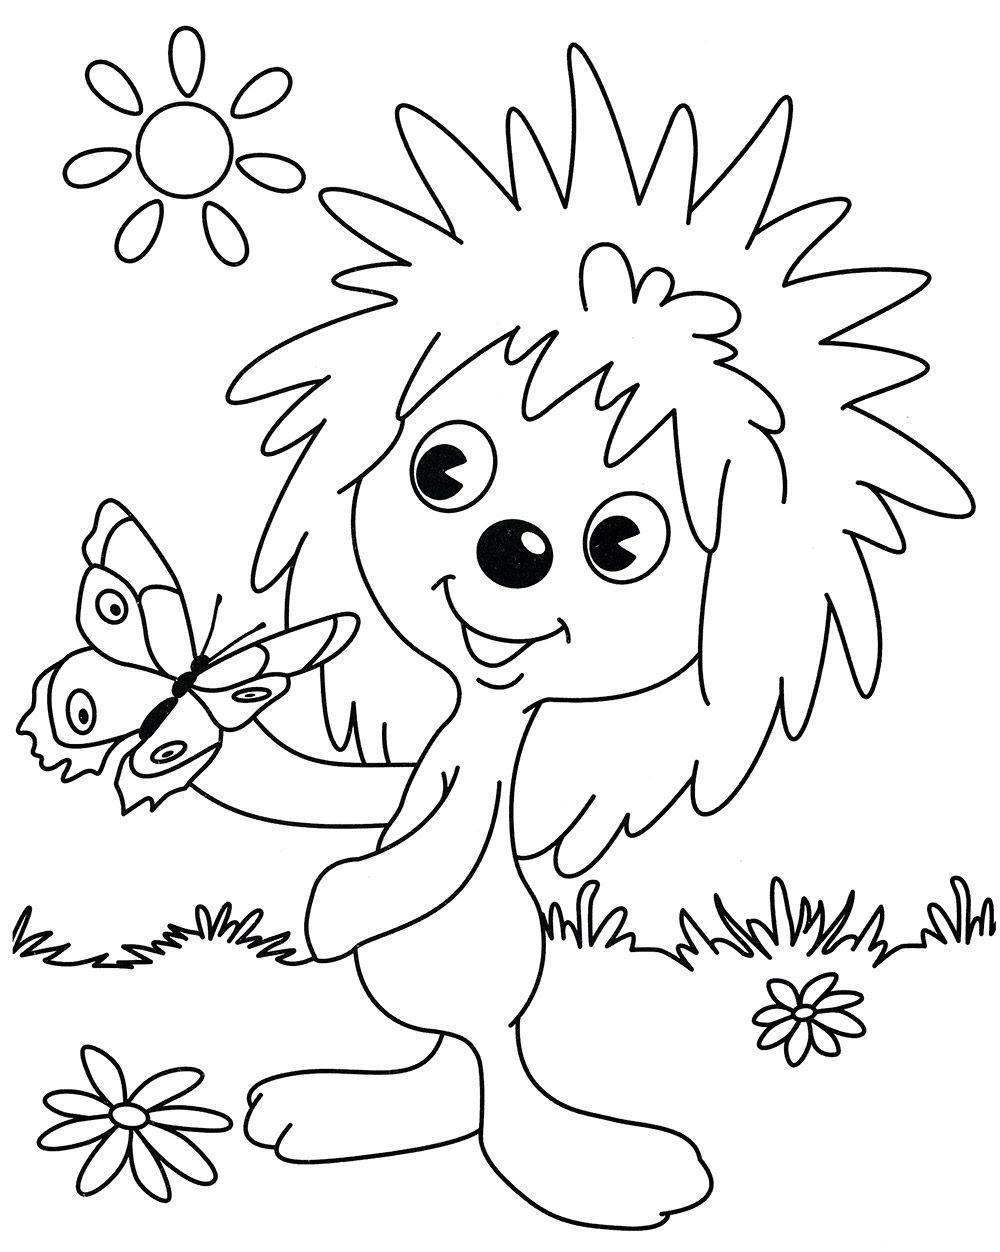 ежик и медвежонок раскраска с бабочкой